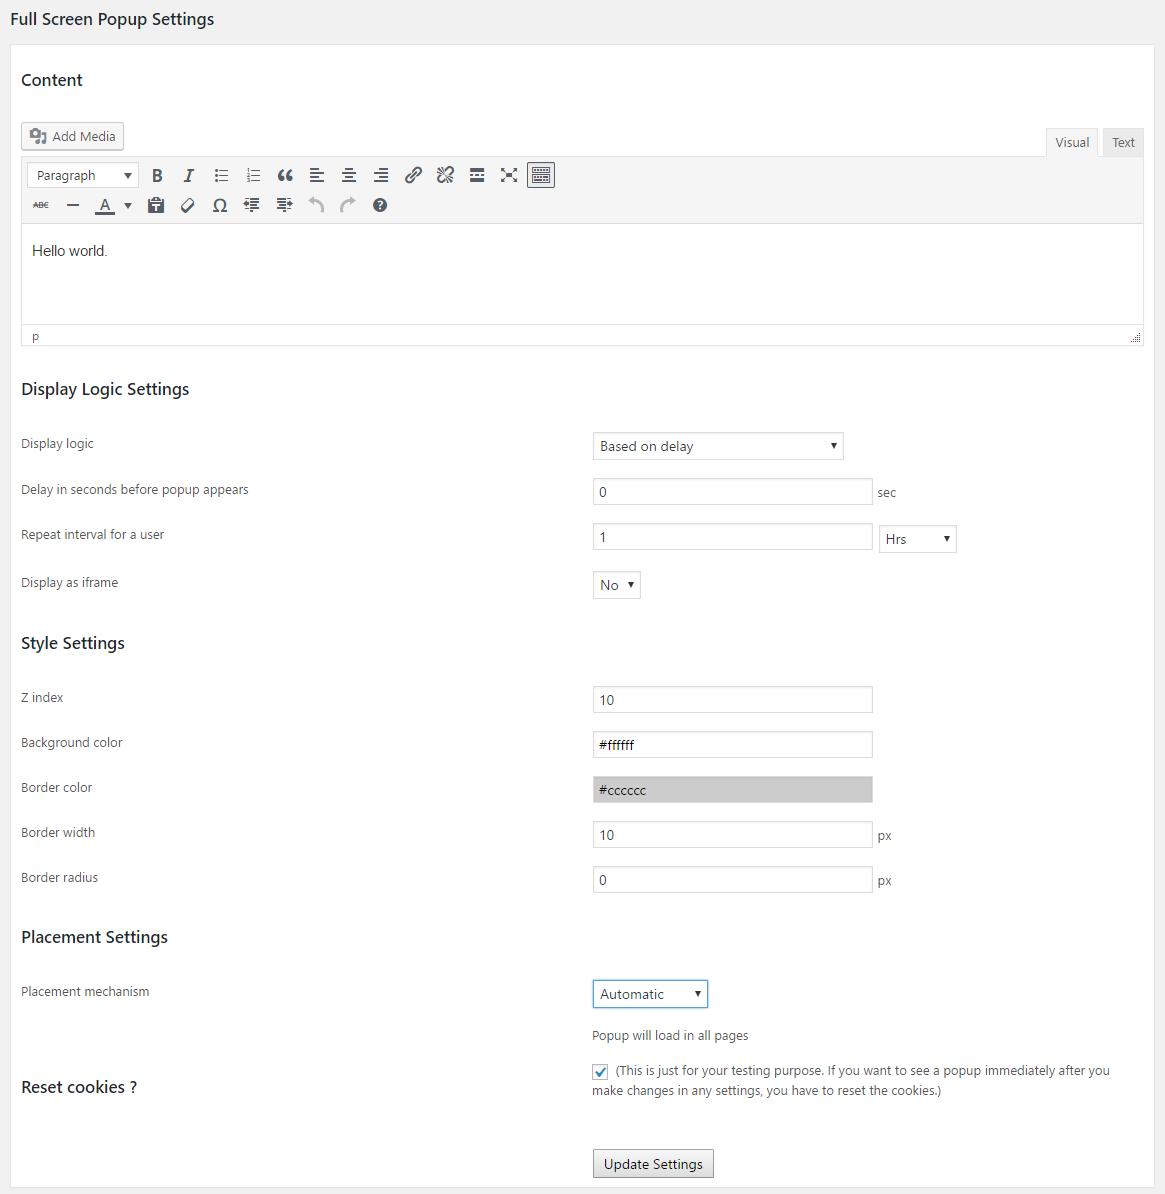 fullscreen popup settings